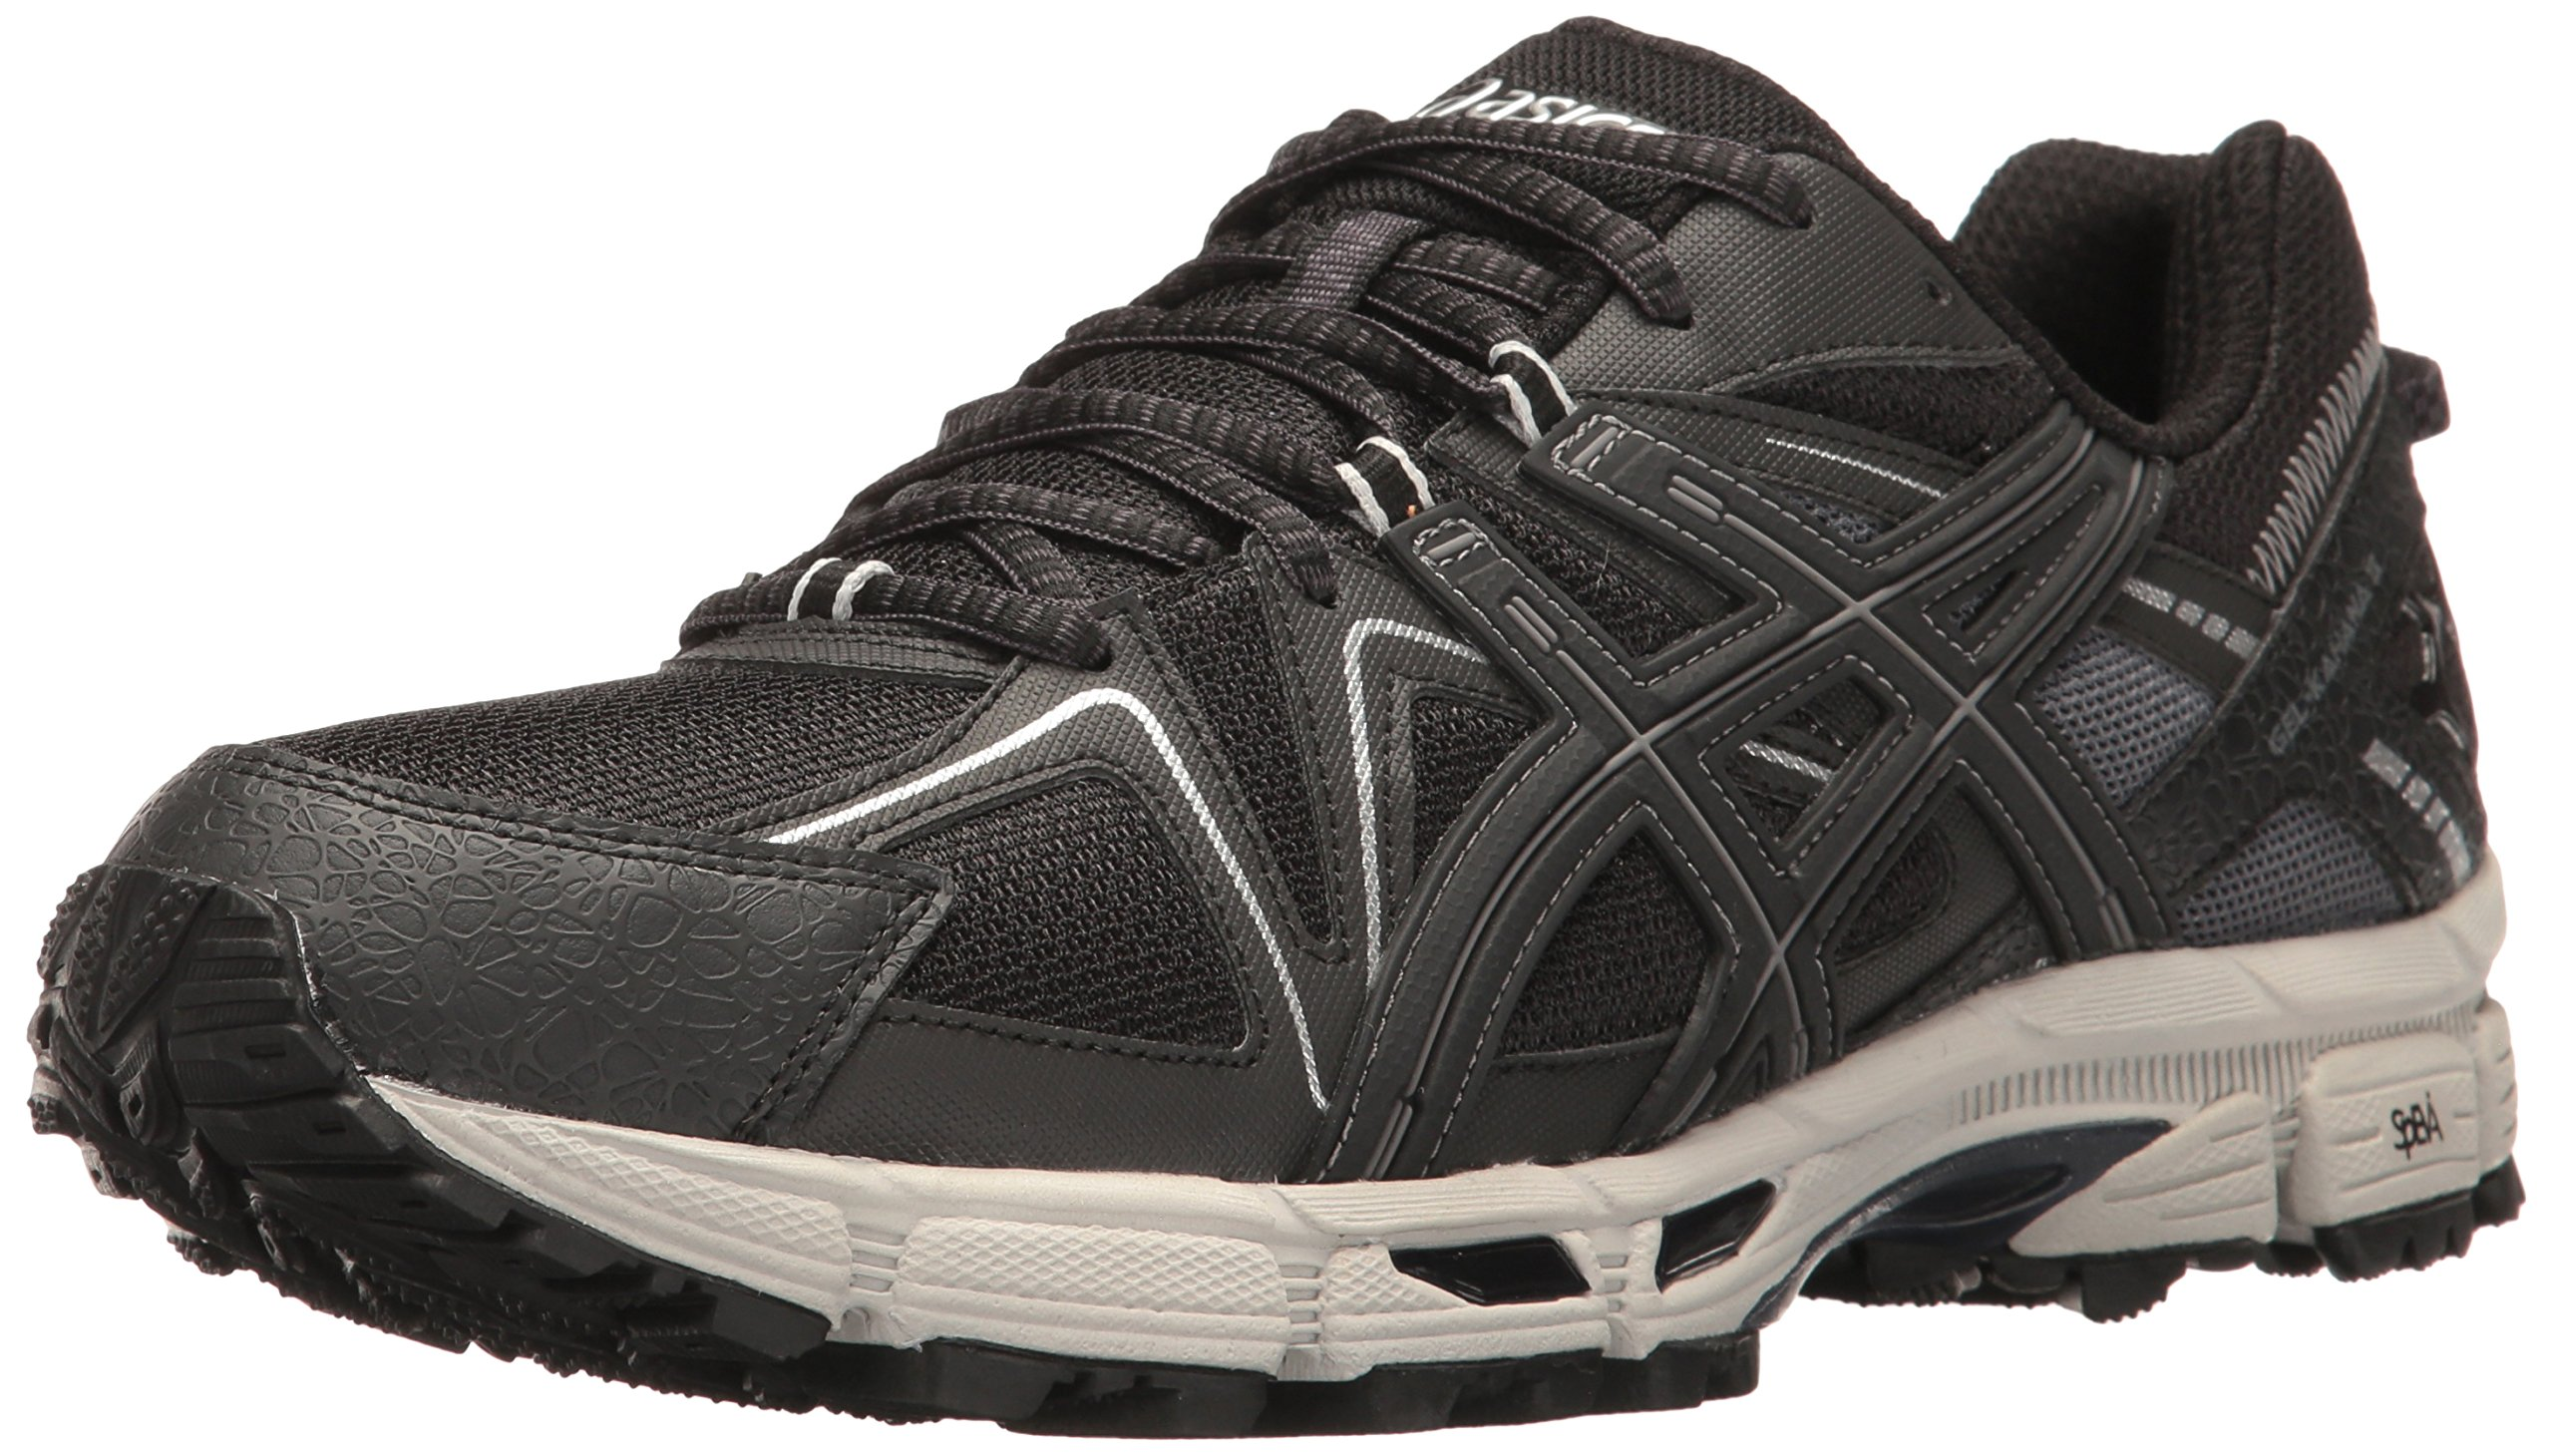 ASICS Men's Gel-Kahana 8 Trail Runner, Black/Onyx/Silver, 7 M US by ASICS (Image #1)